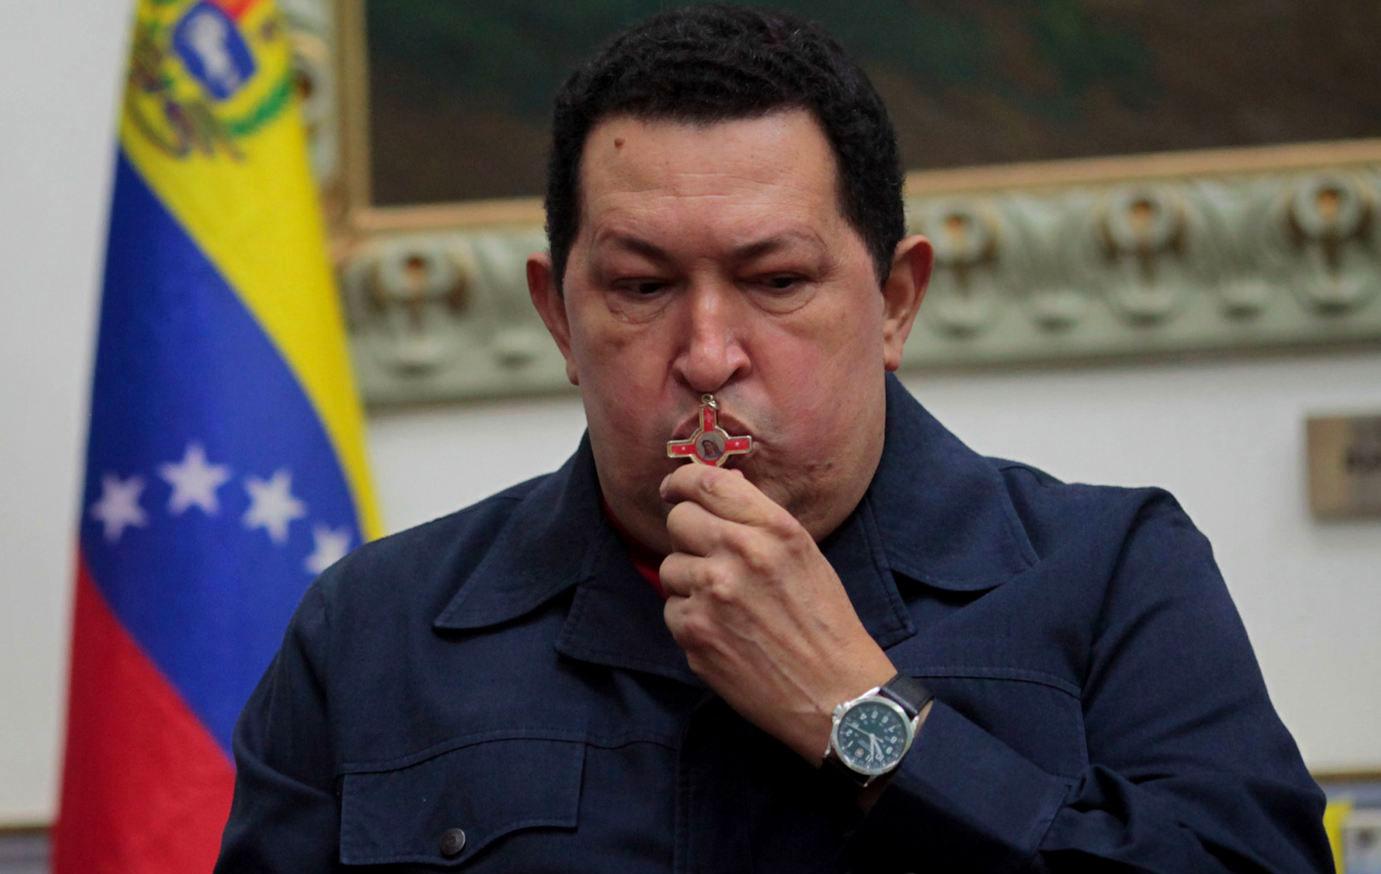 LUTO EN VENEZUELA; MUERE CHÁVEZ: Confirman el deceso del mandatario tras larga agonía en su lucha contra el cáncer